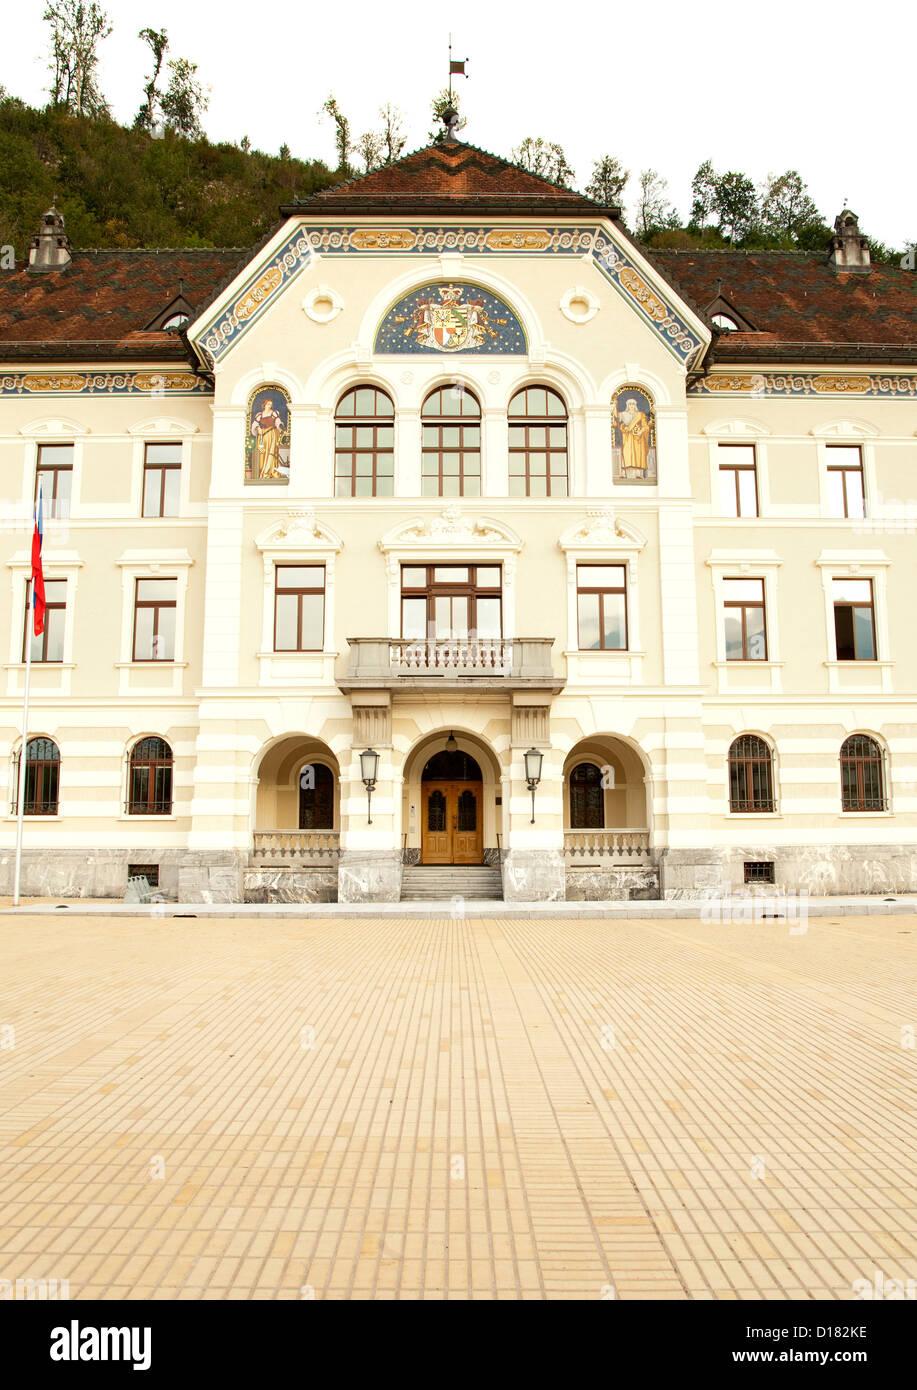 Das Regierungsgebäude (Regierung / Parlamentsgebäude) in Vaduz, der Hauptstadt des Fürstentums Liechtenstein. Stockbild